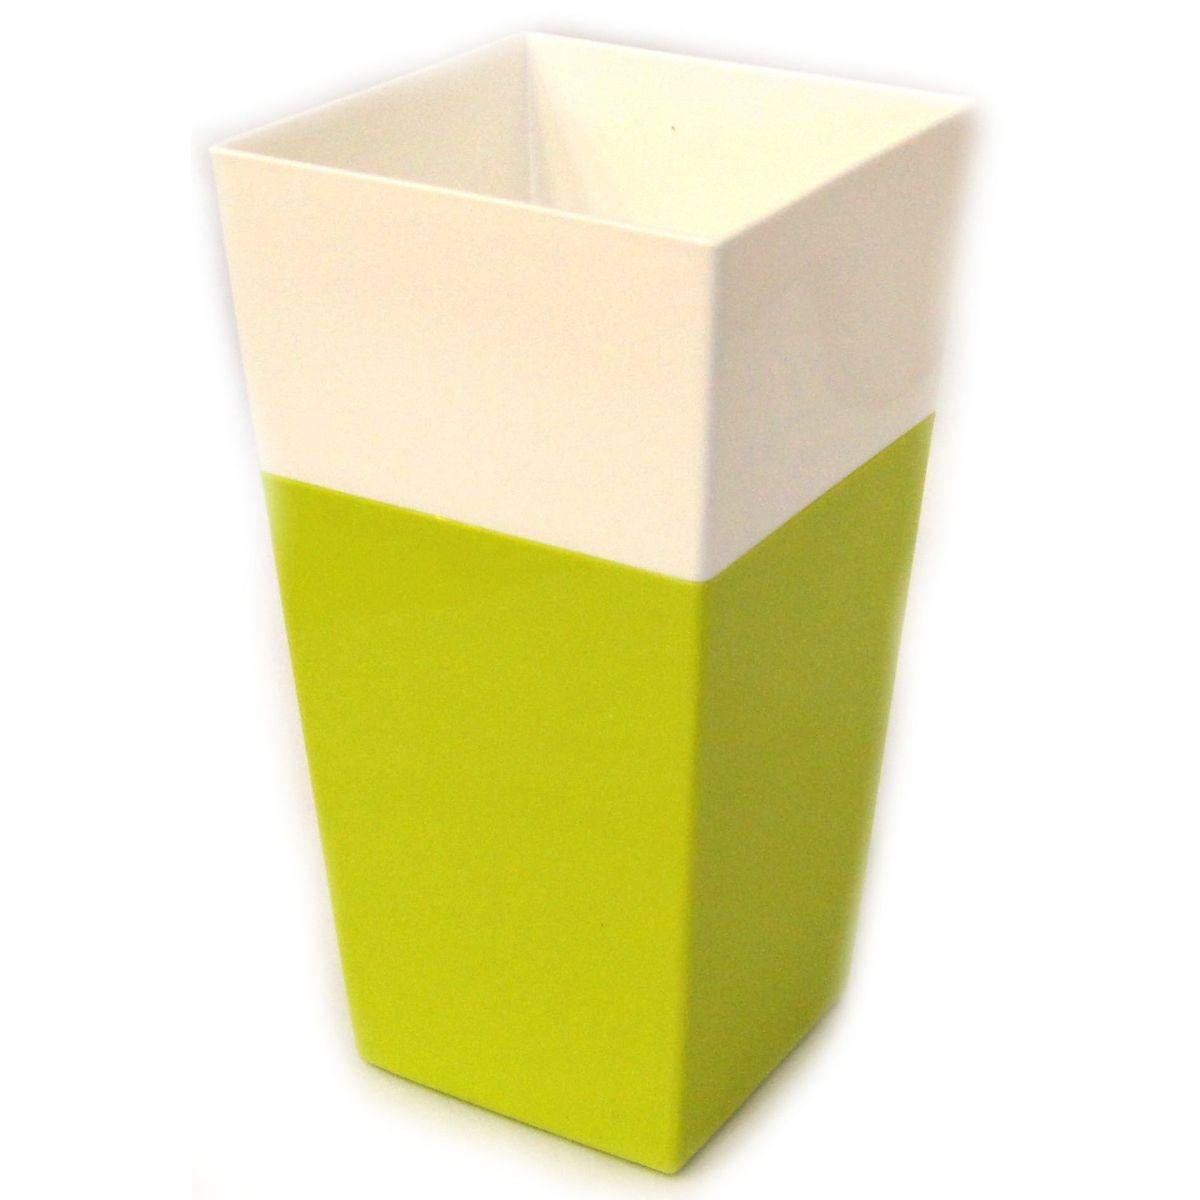 Кашпо JetPlast Дуэт, цвет: фисташковый, белый, высота 34 см531-109Кашпо имеет строгий дизайн и состоит из двух частей: верхней части для цветка и нижней – поддона. Конструкция горшка позволяет, при желании, использовать систему фитильного полива, снабдив горшок веревкой. Оно изготовлено из прочного полипропилена (пластика).Размеры кашпо: 18 х 18 х 34 см.